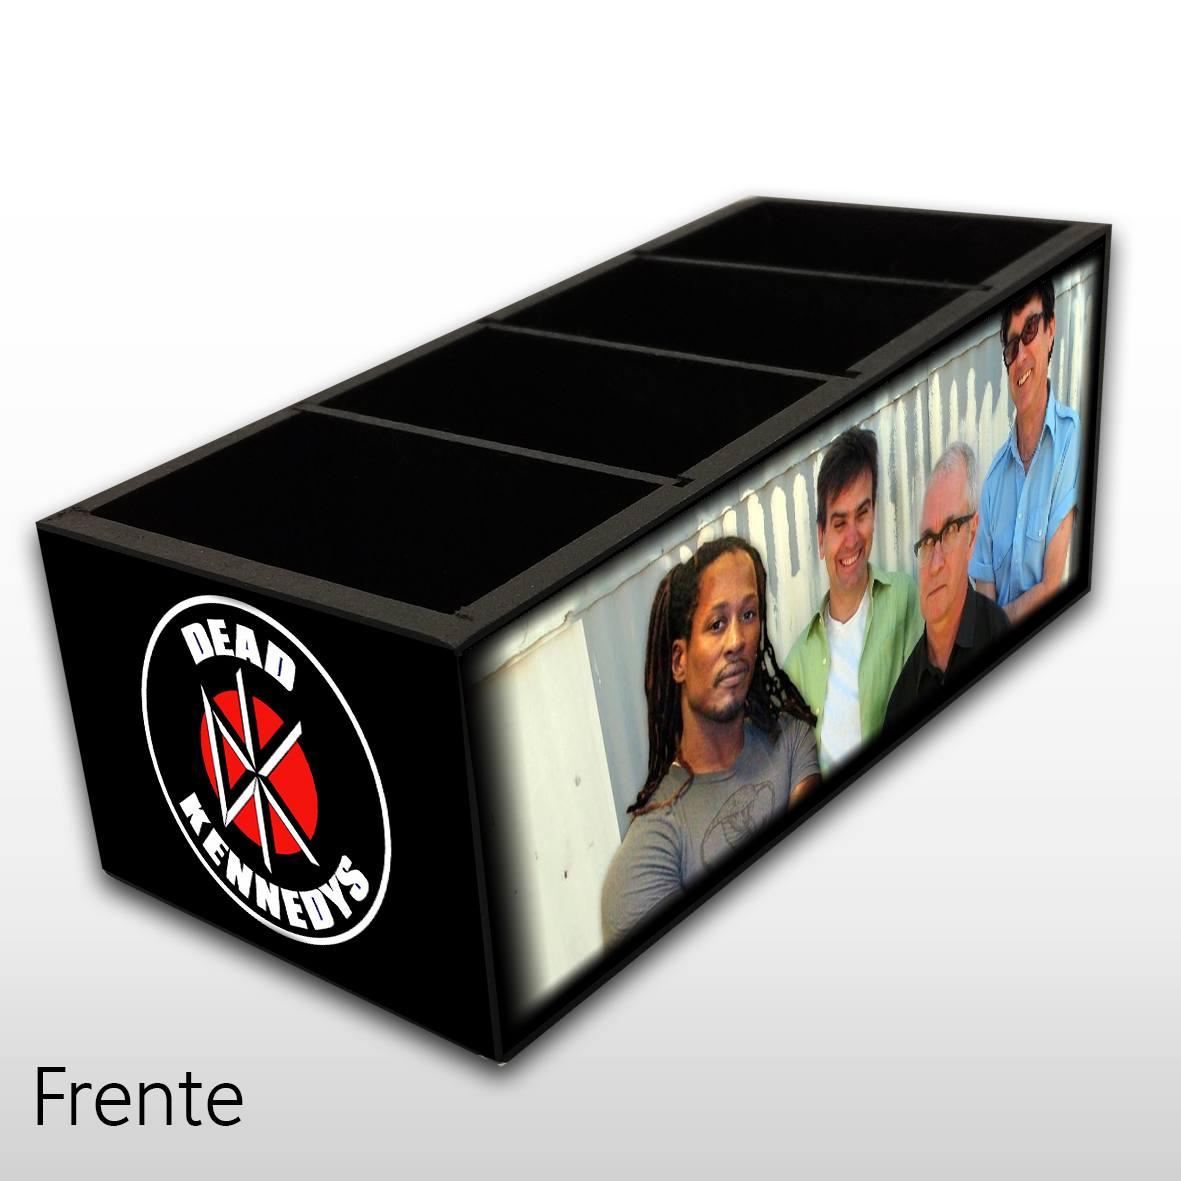 Dead Kennedys - Porta Controles em Madeira MDF - 4 Espaços - Mr. Rock